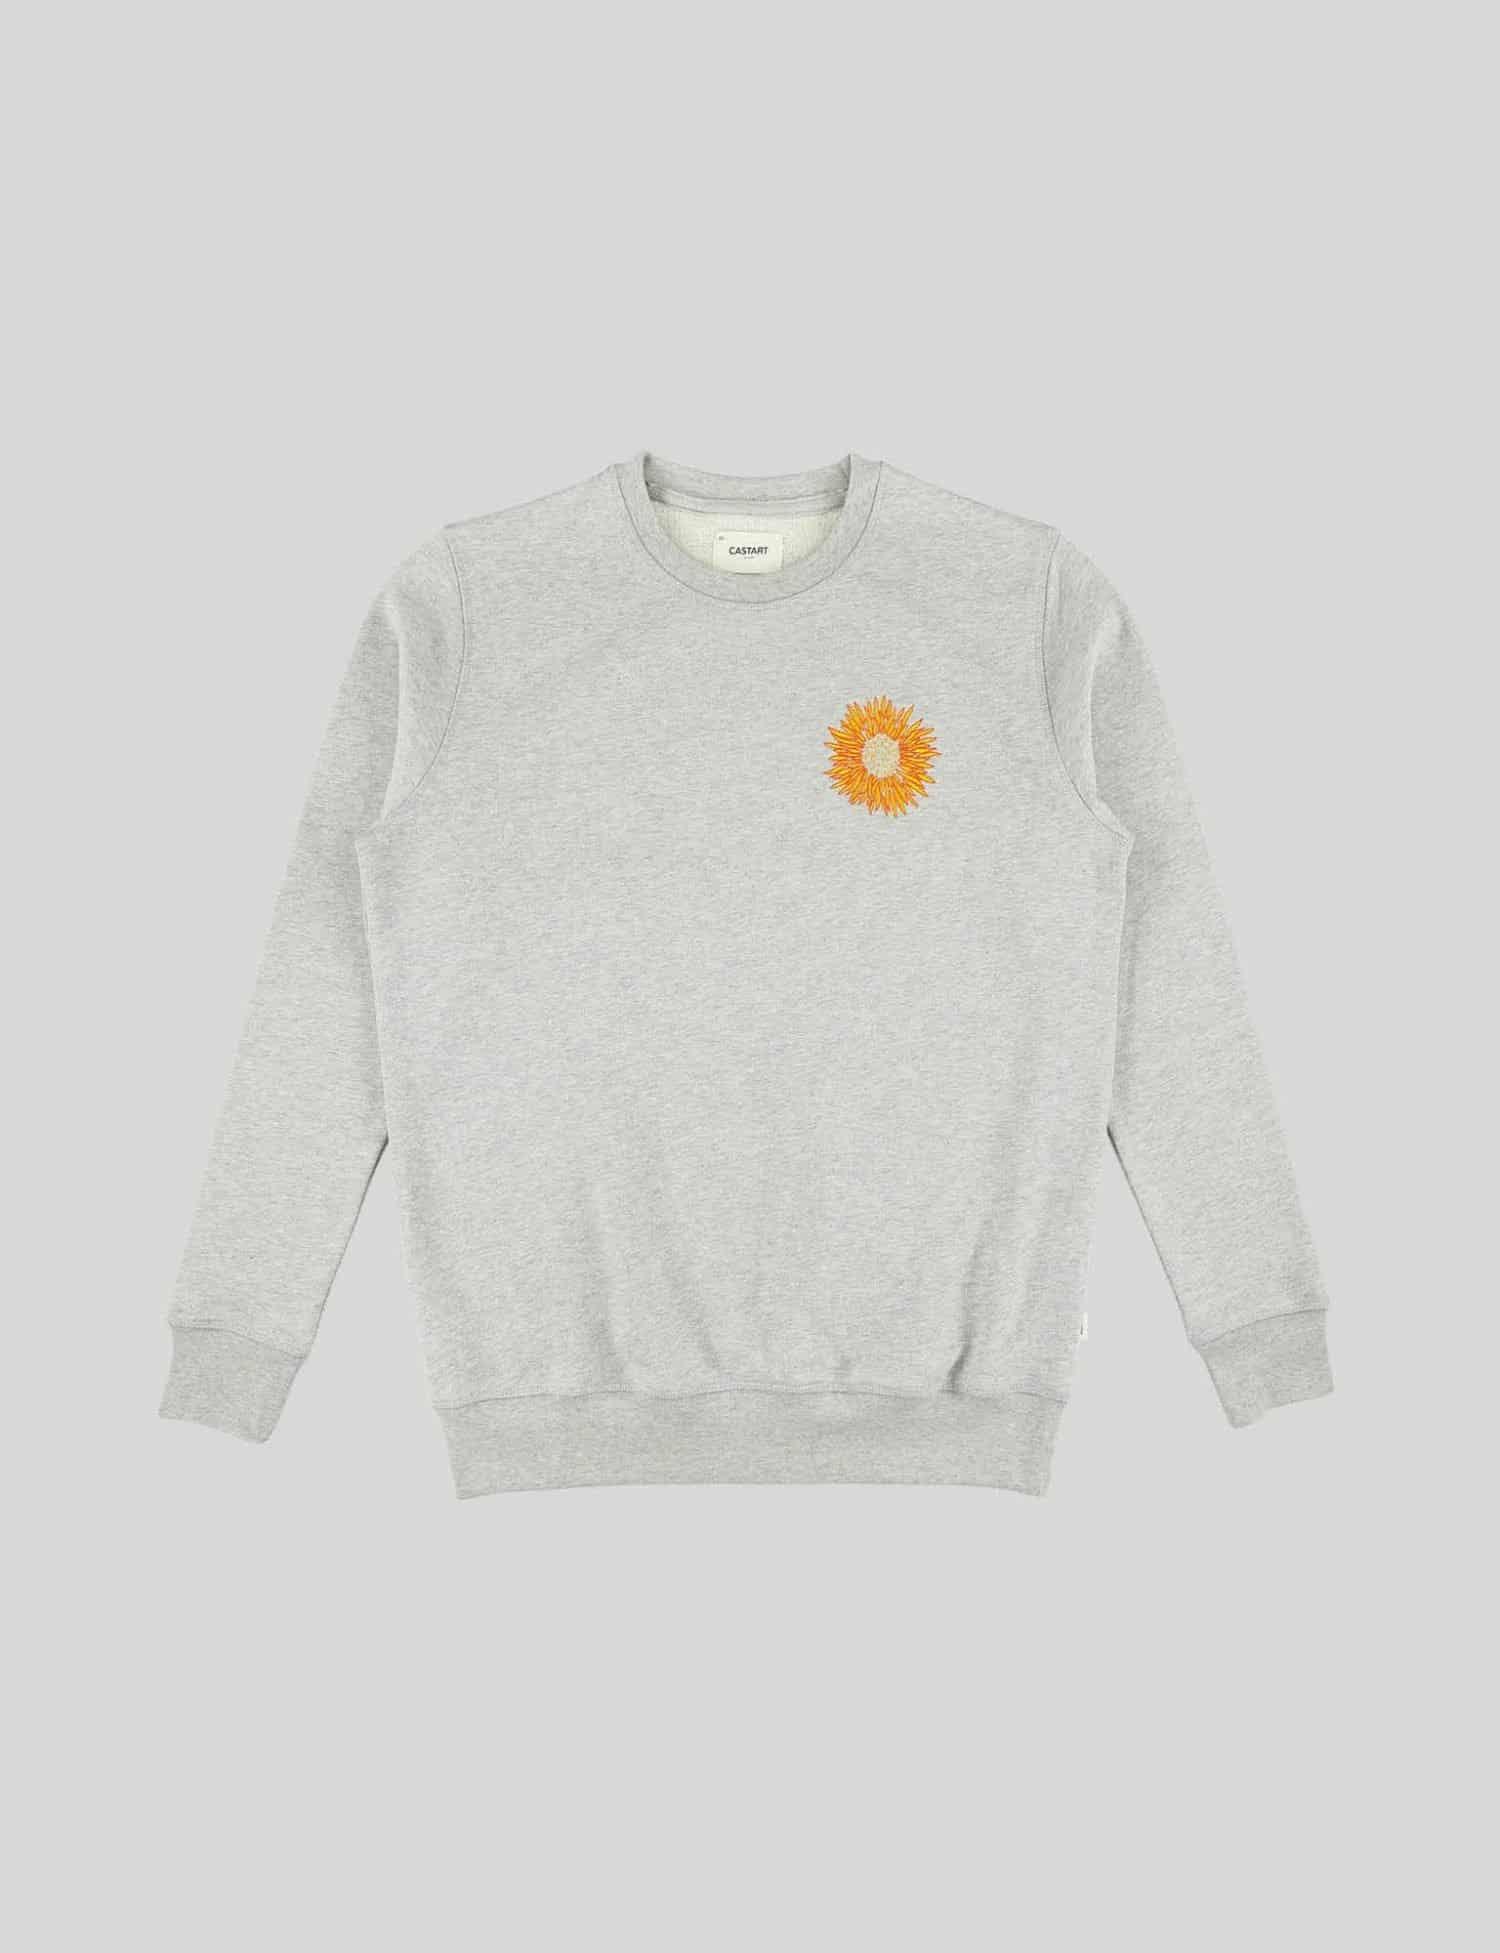 Castart - Mari Posa Sweater - Mid Grey